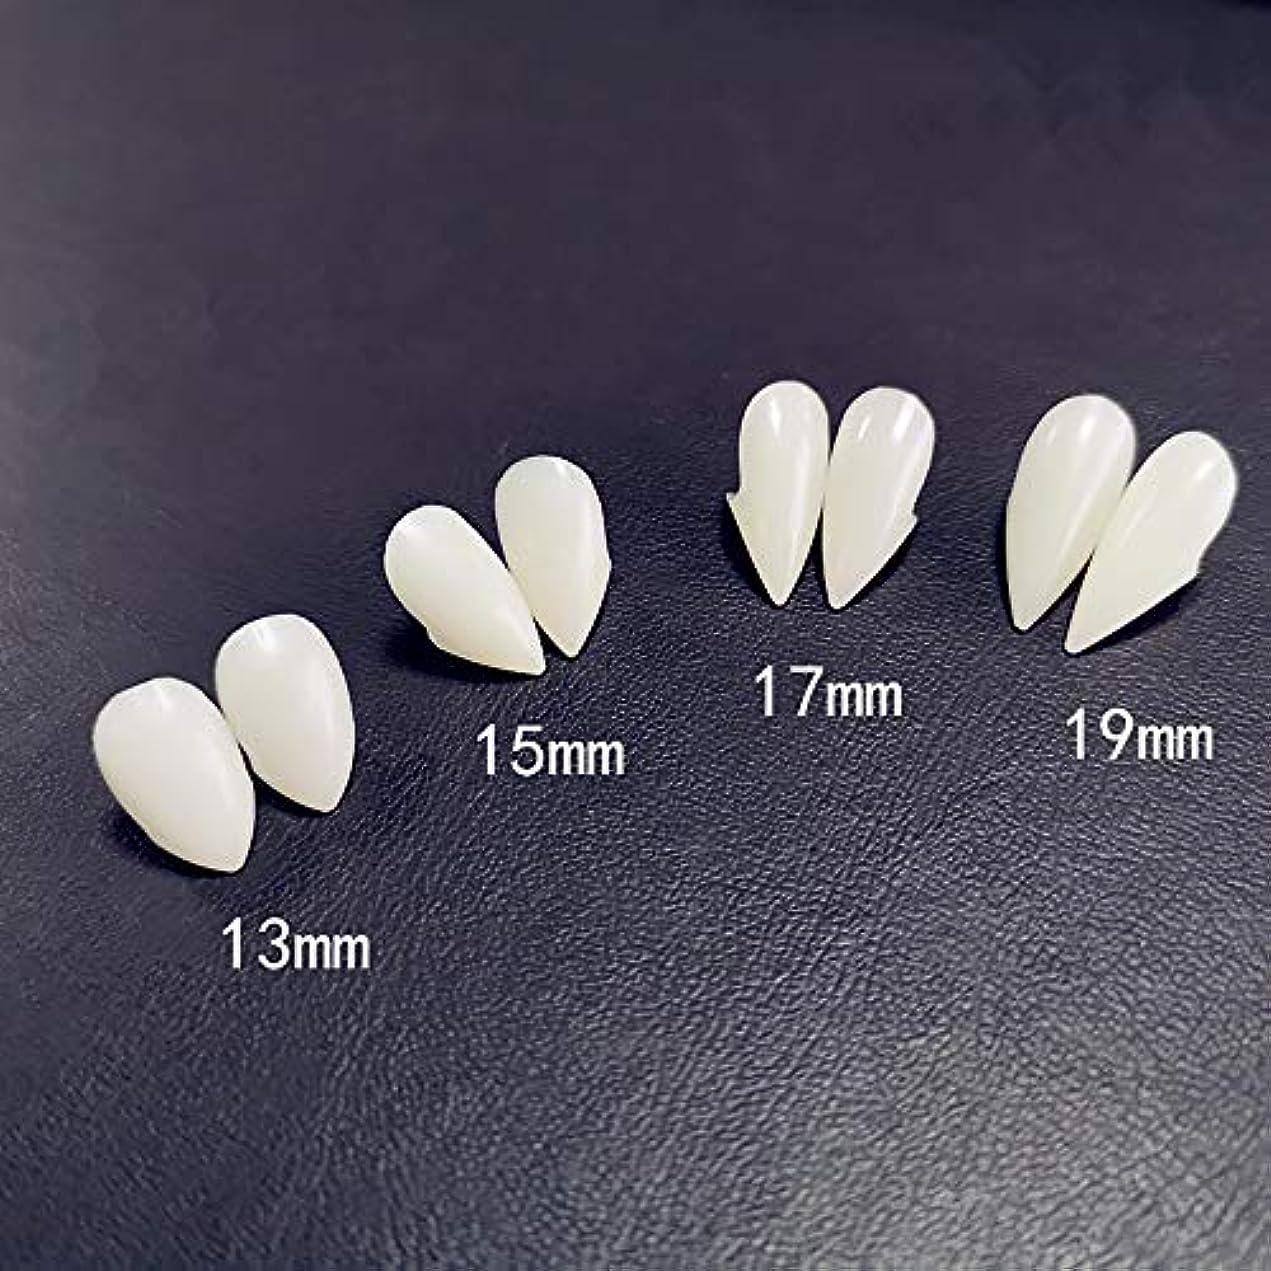 にはまっておもしろい適用済み6ペア牙キット歯の入れ歯歯の牙入れ歯小道具ハロウィーンの衣装小道具パーティーの好意休日DIYの装飾ホラー大人のための子供,17mm